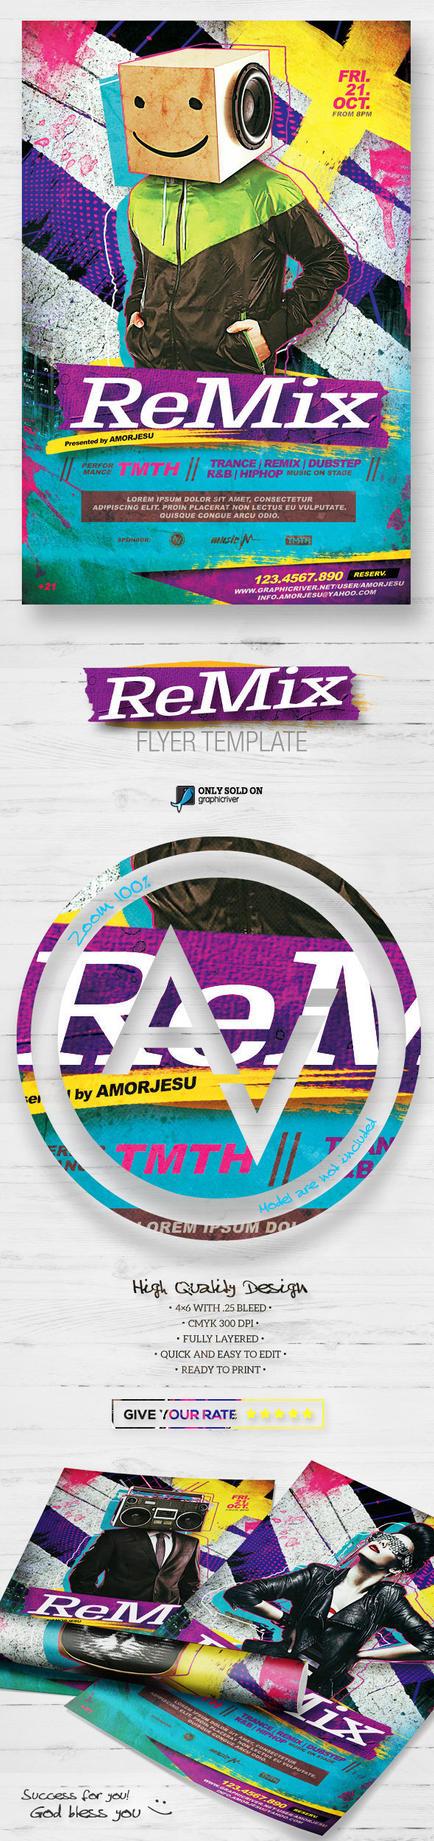 Remix Flyer Template V2 by amorjesu